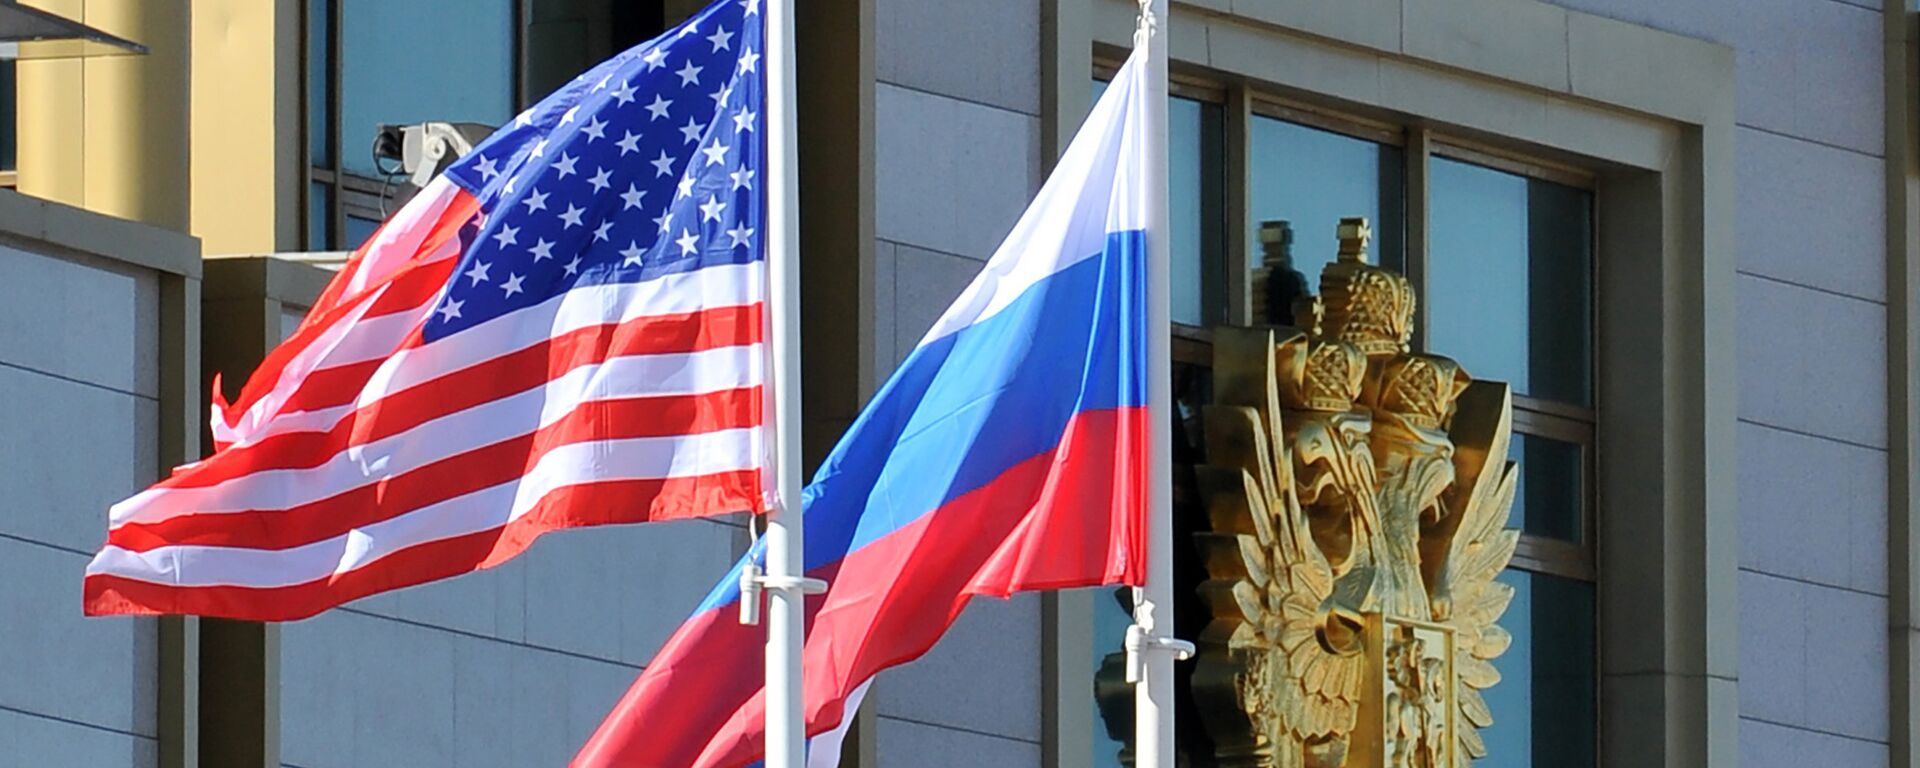 Banderas de EEUU y Rusia - Sputnik Mundo, 1920, 19.05.2021